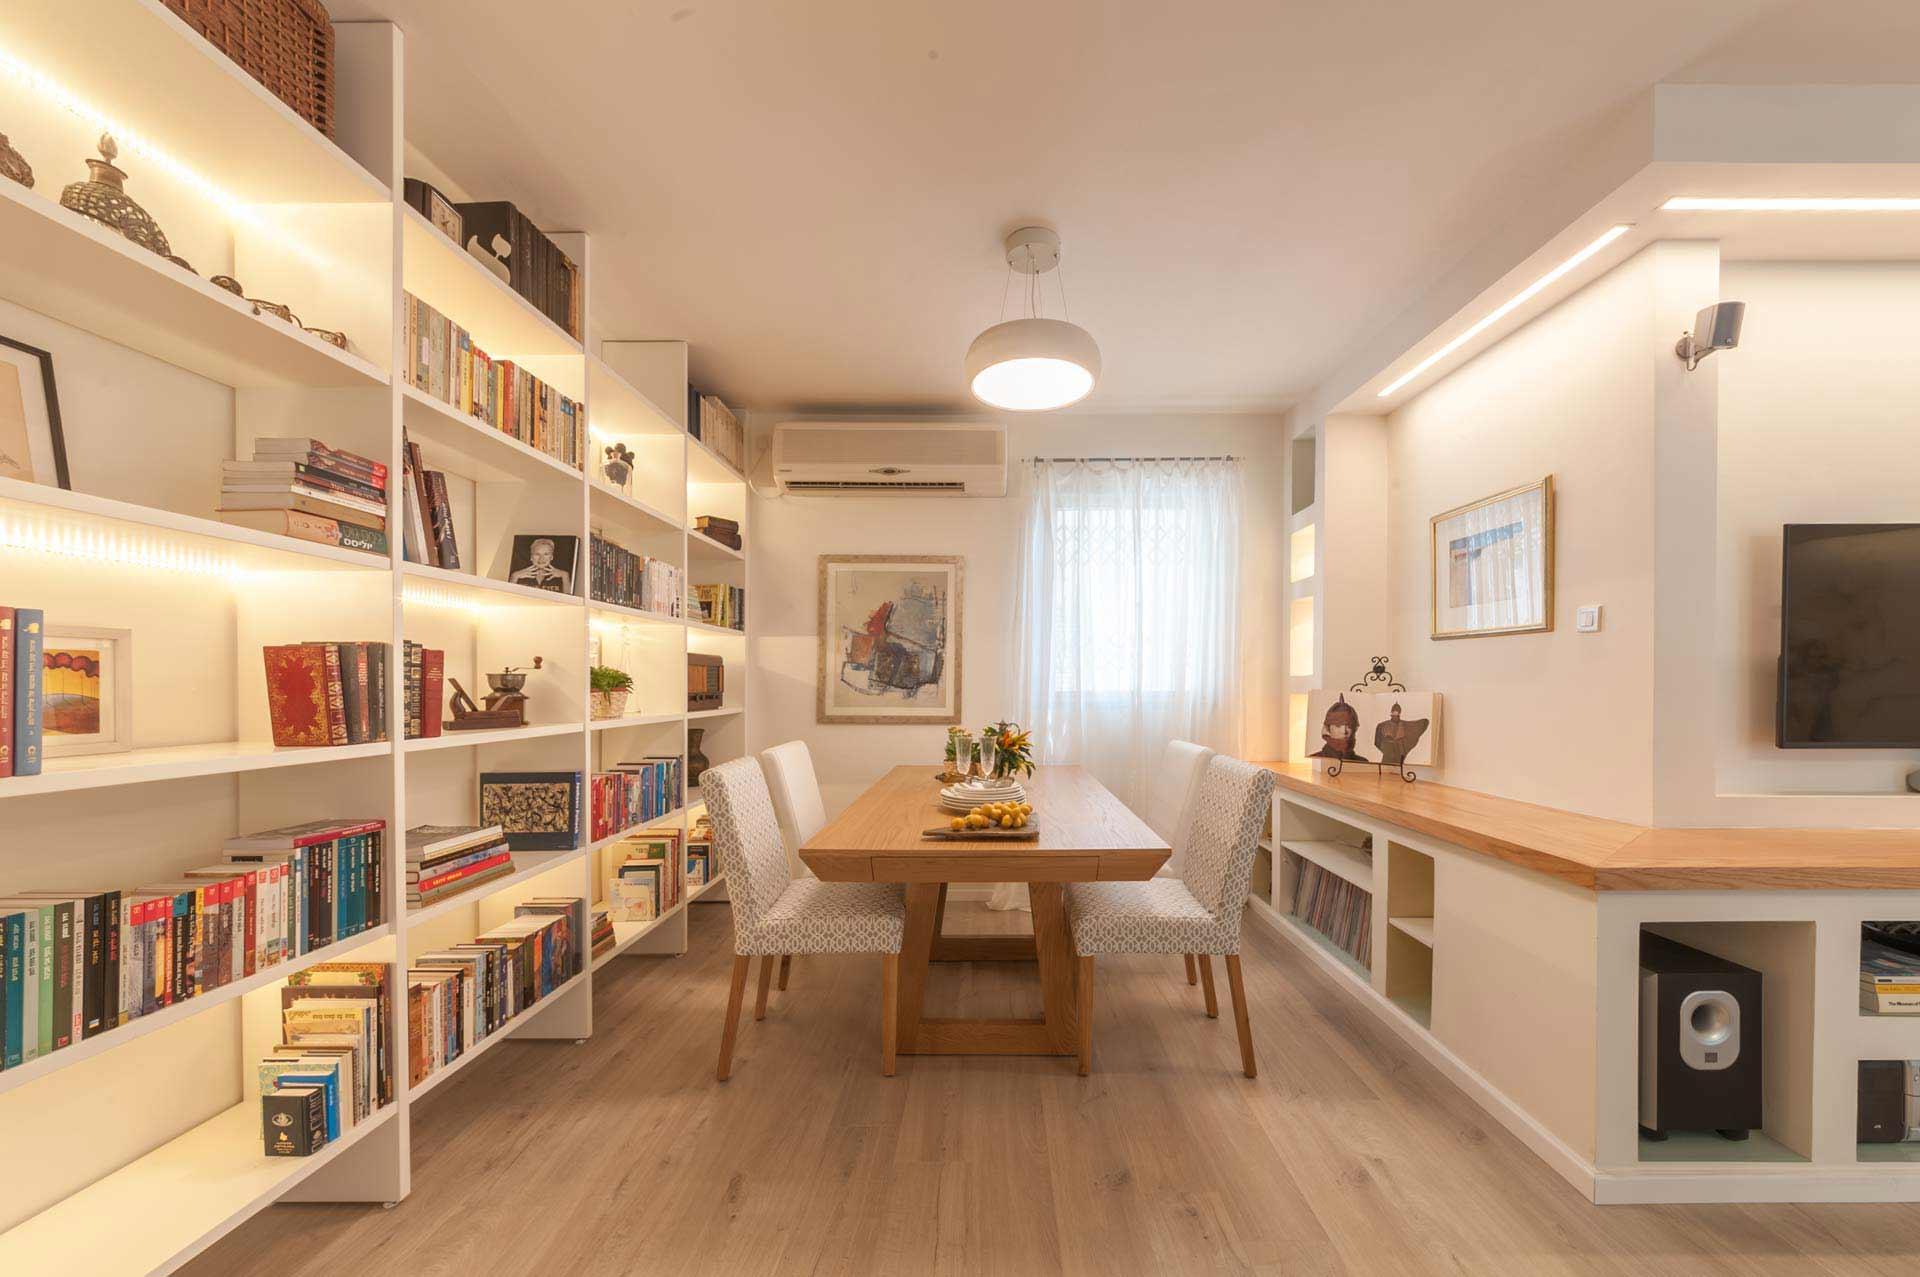 עיצוב חדר אורחים ברמת גן